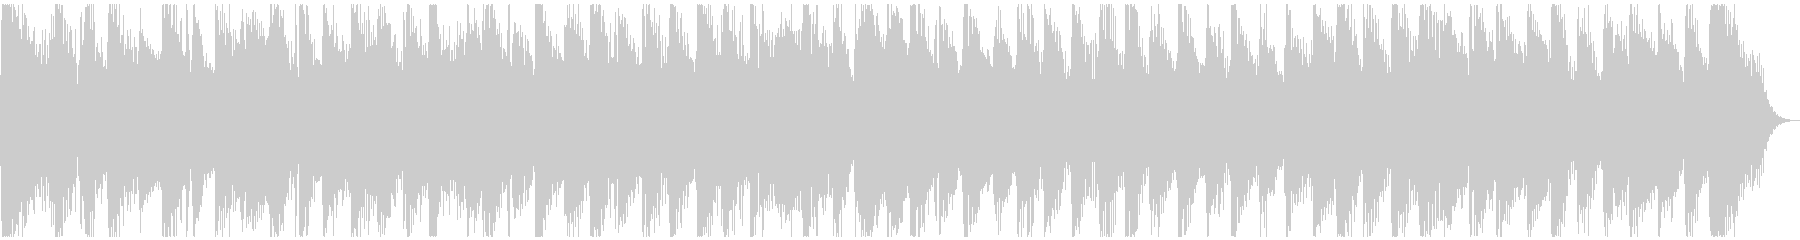 15秒ちょうど・SNSに最適なブギウギの未再生の波形